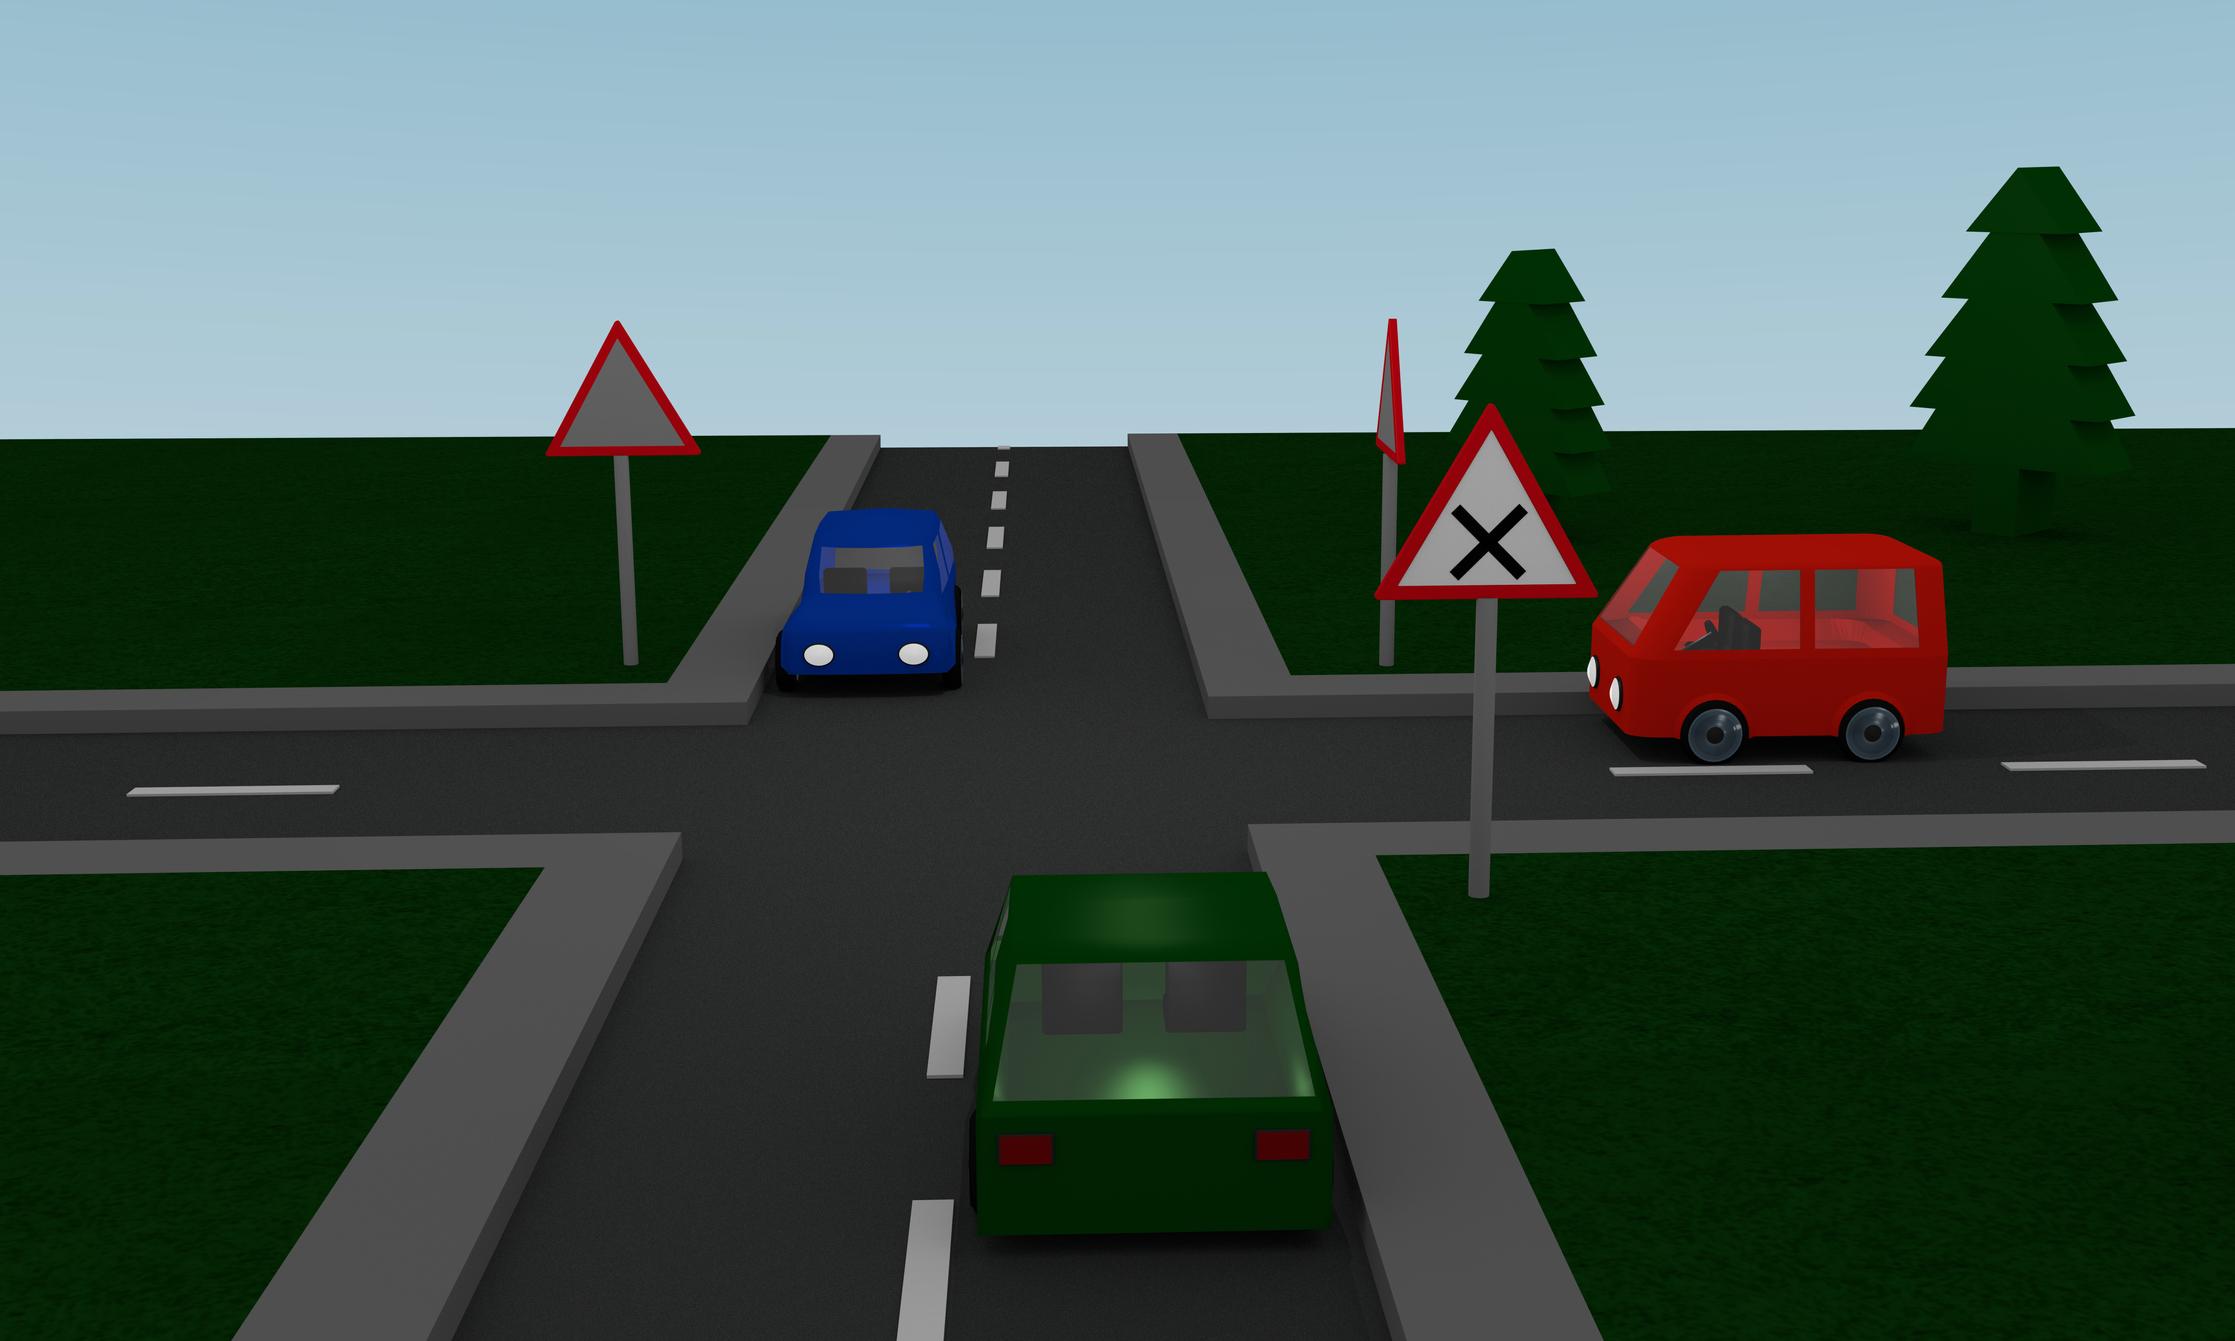 Ha minden autó egyenesen haladna tovább, melyikük indulhat el elsőként?